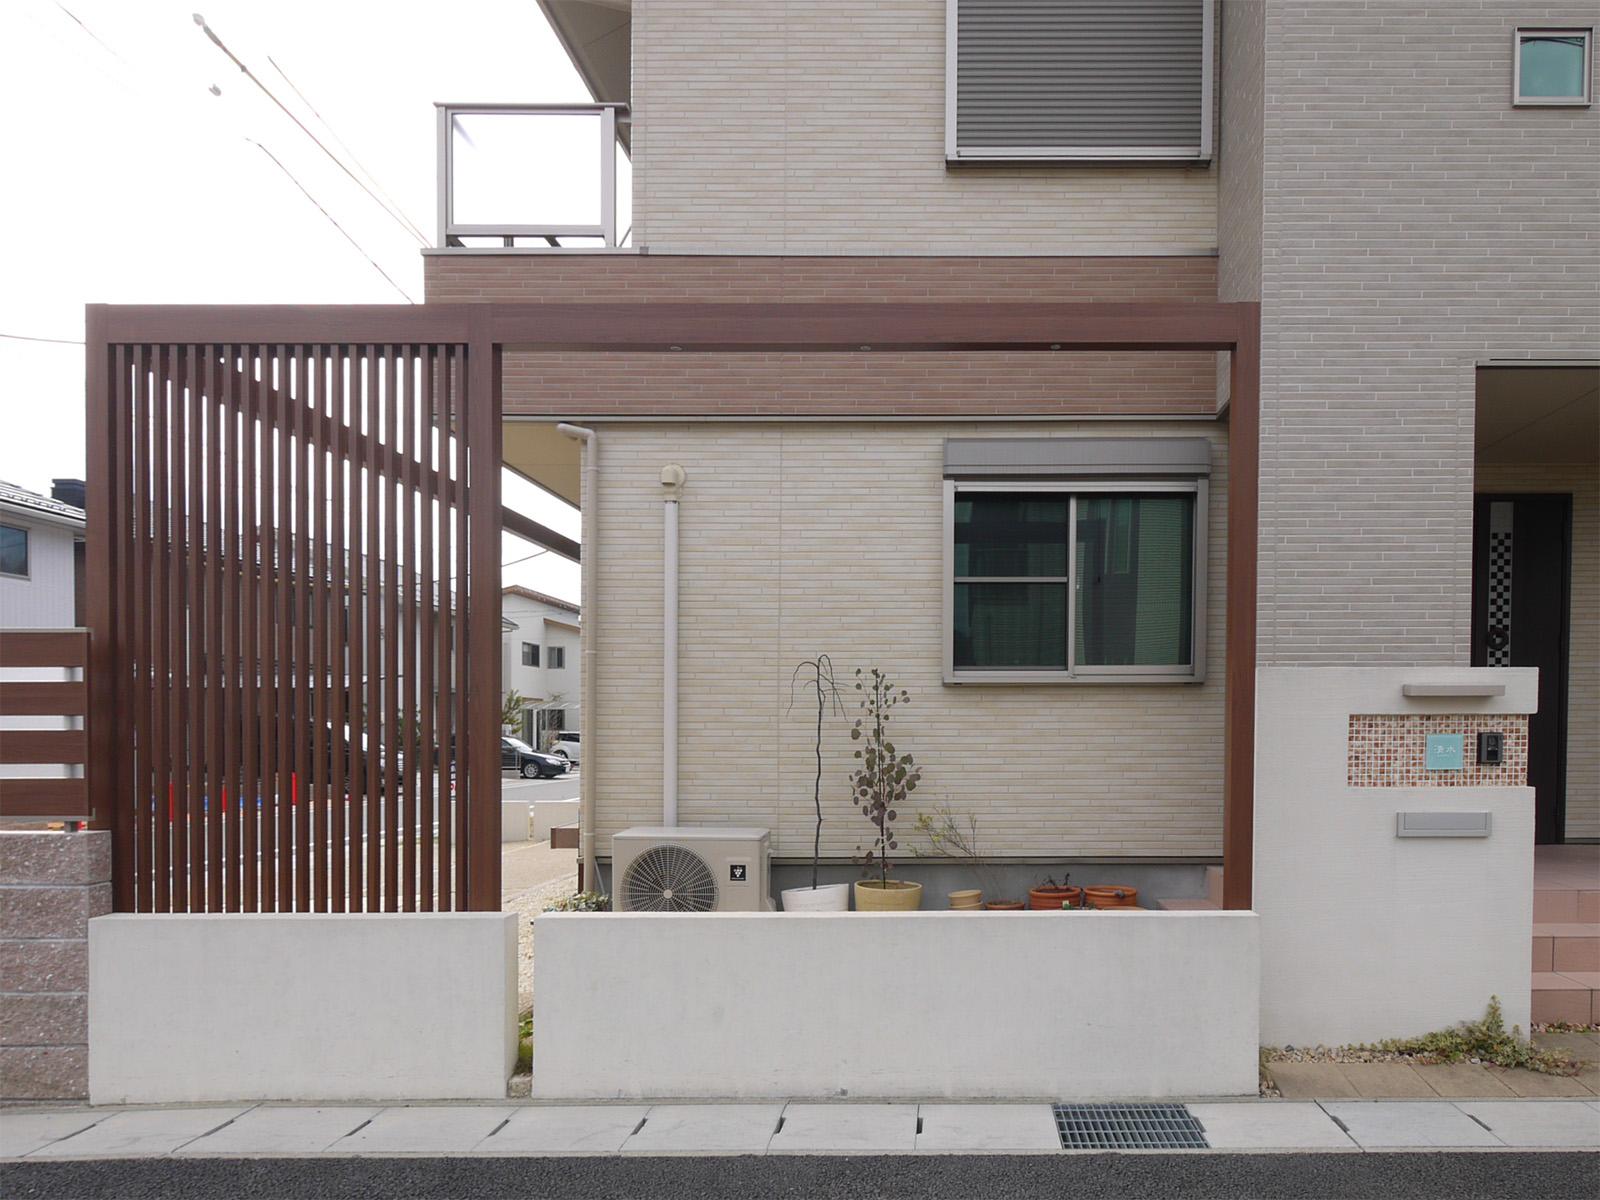 上記写真の別角度から見た様子。家屋と一体化している。